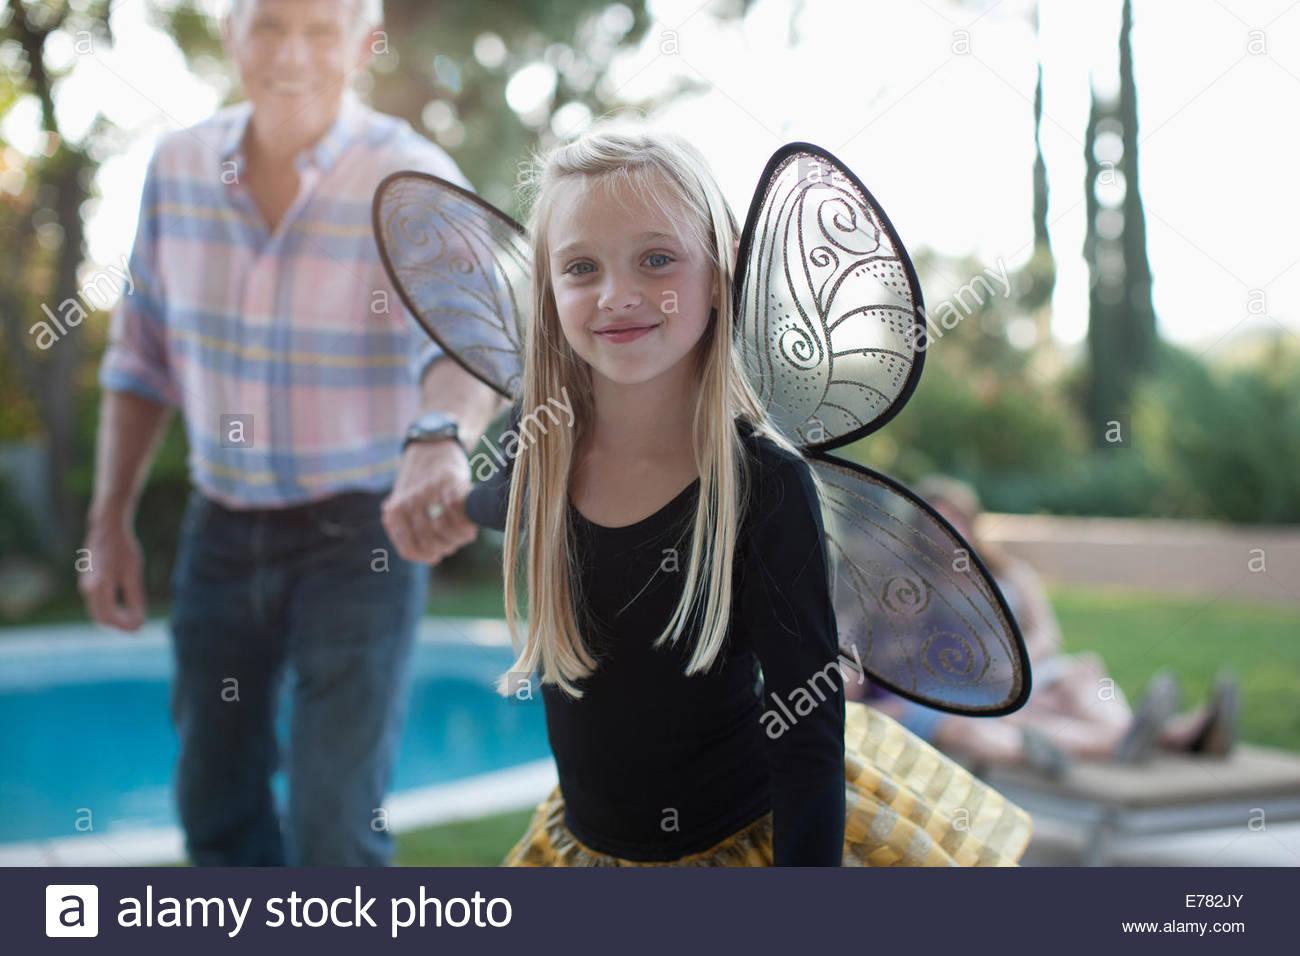 La ragazza di ali di fata tirando nonno lungo Immagini Stock